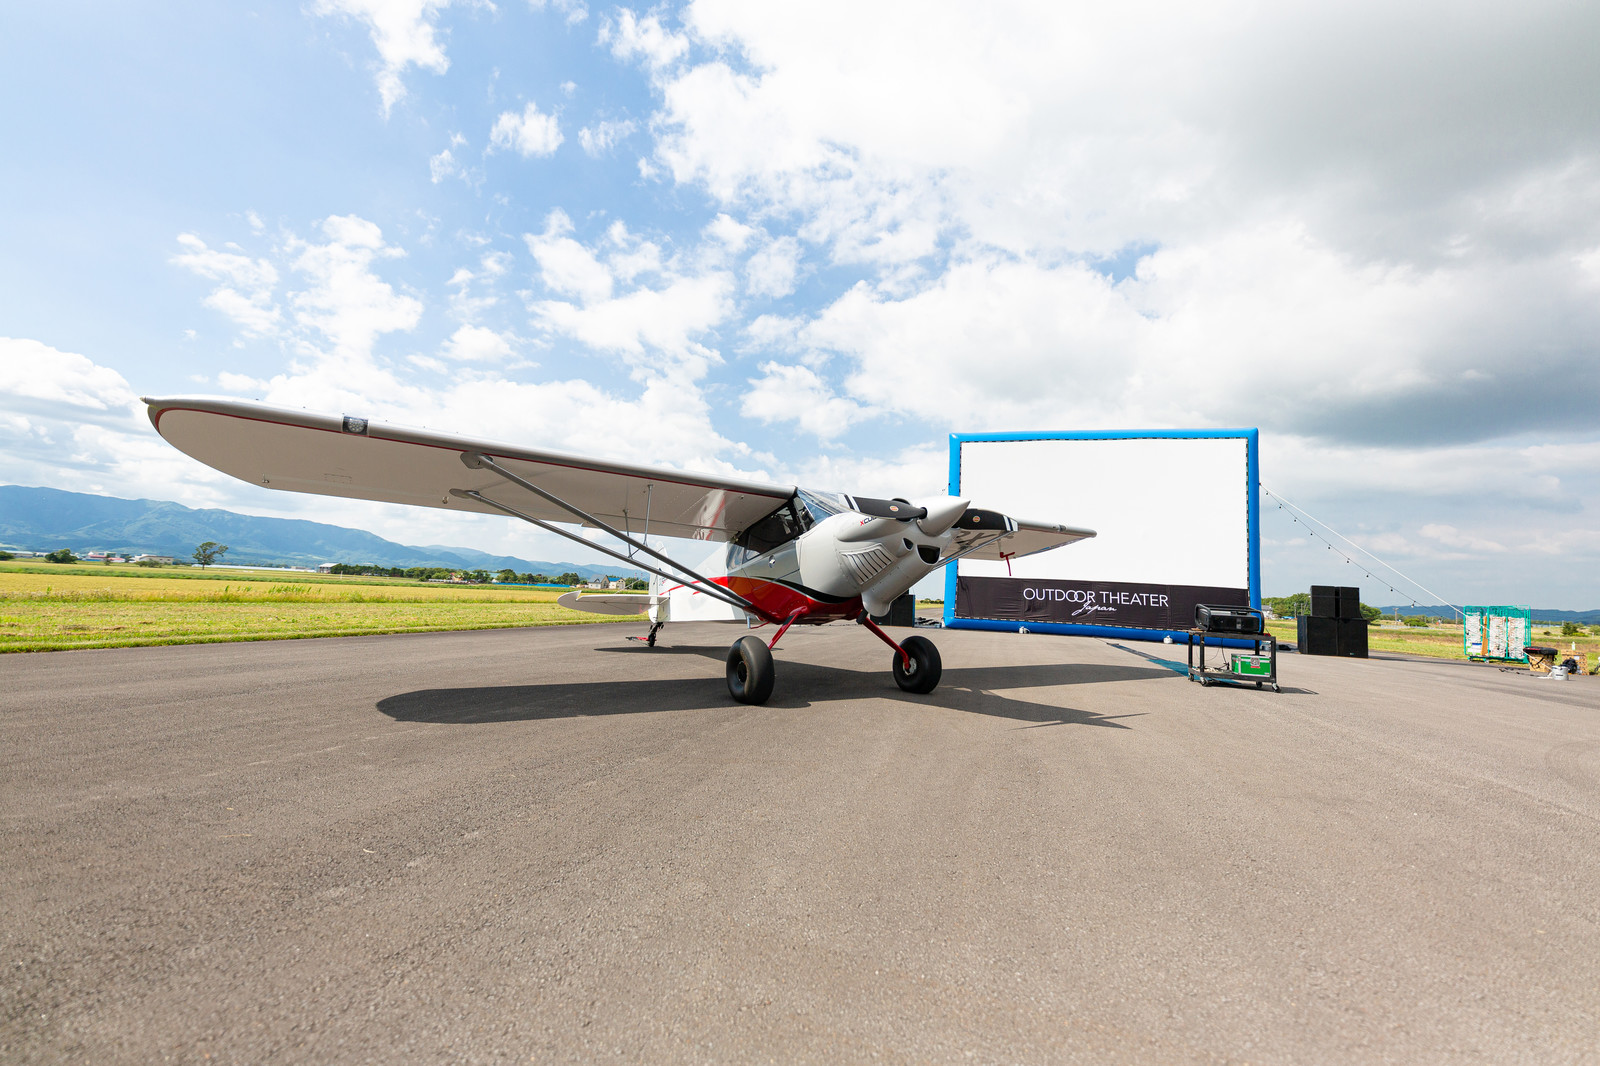 「野外シネマと小型の飛行機」の写真